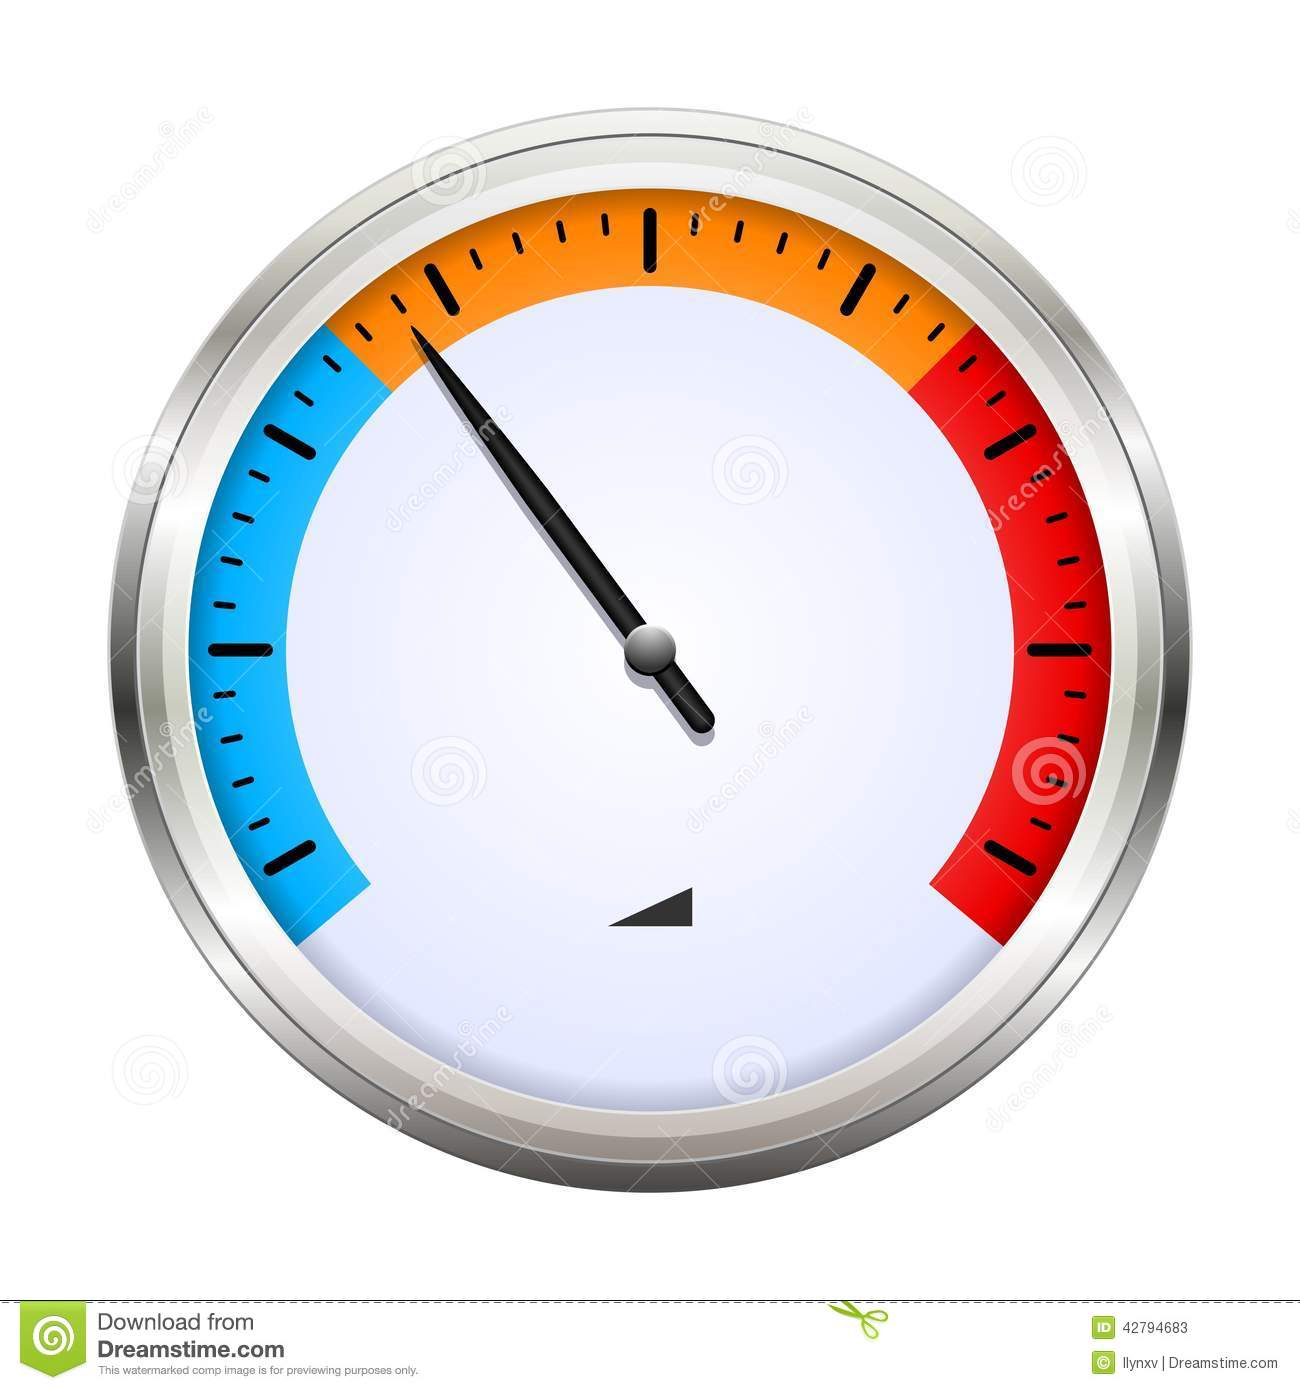 Temperature Gauge Stock Vector.